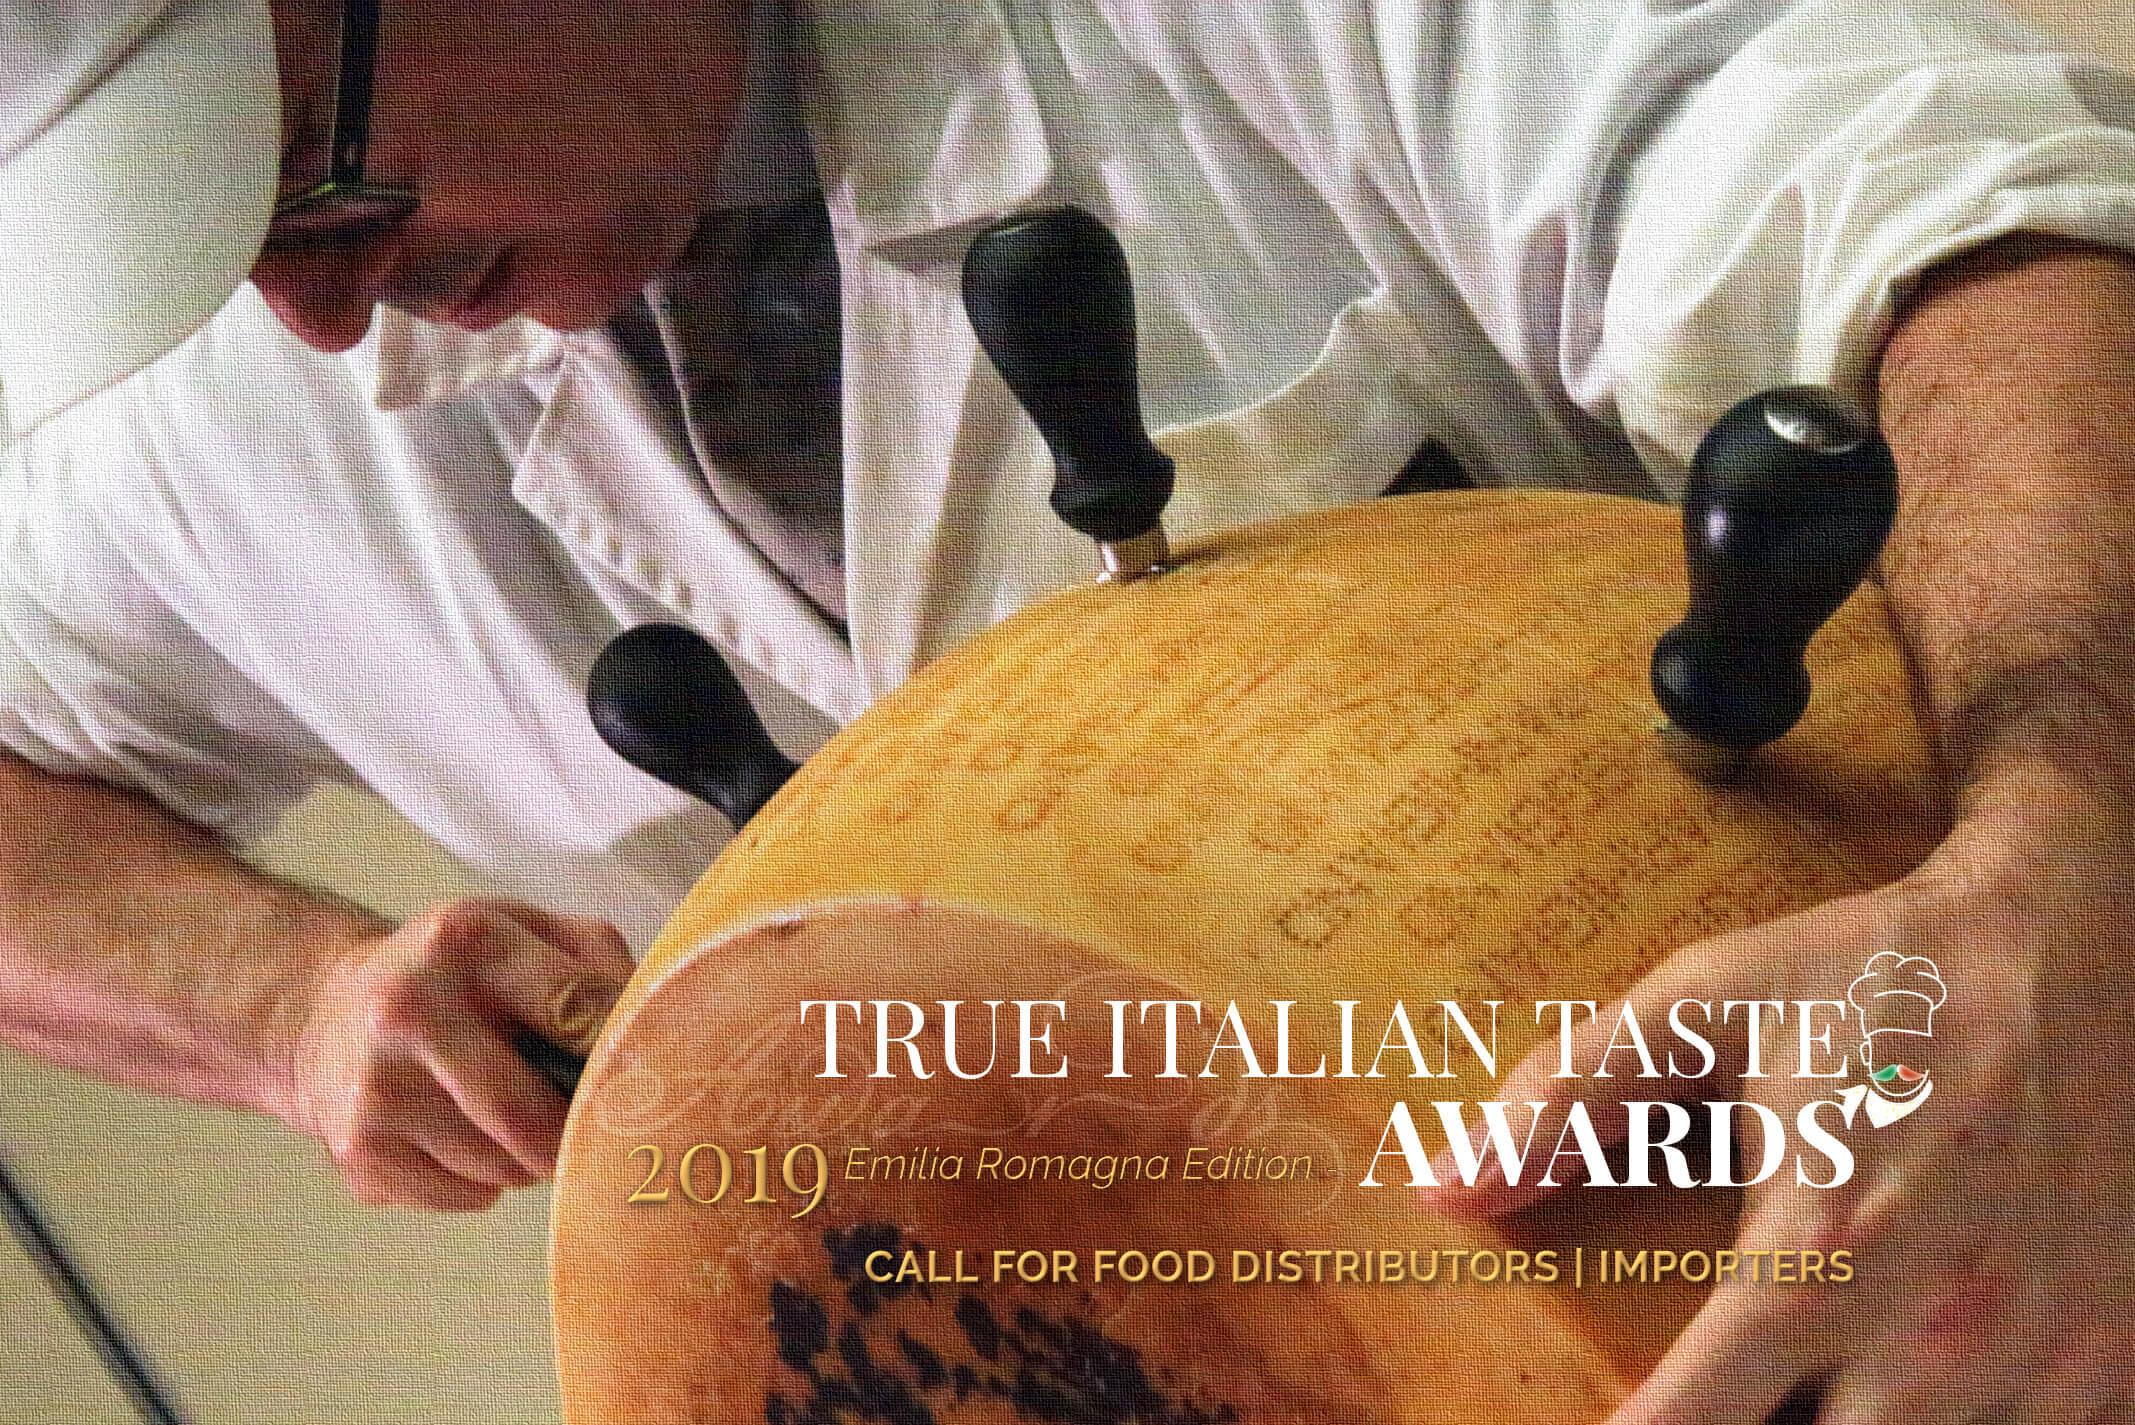 CALL FOR FOOD DISTRIBUTORS